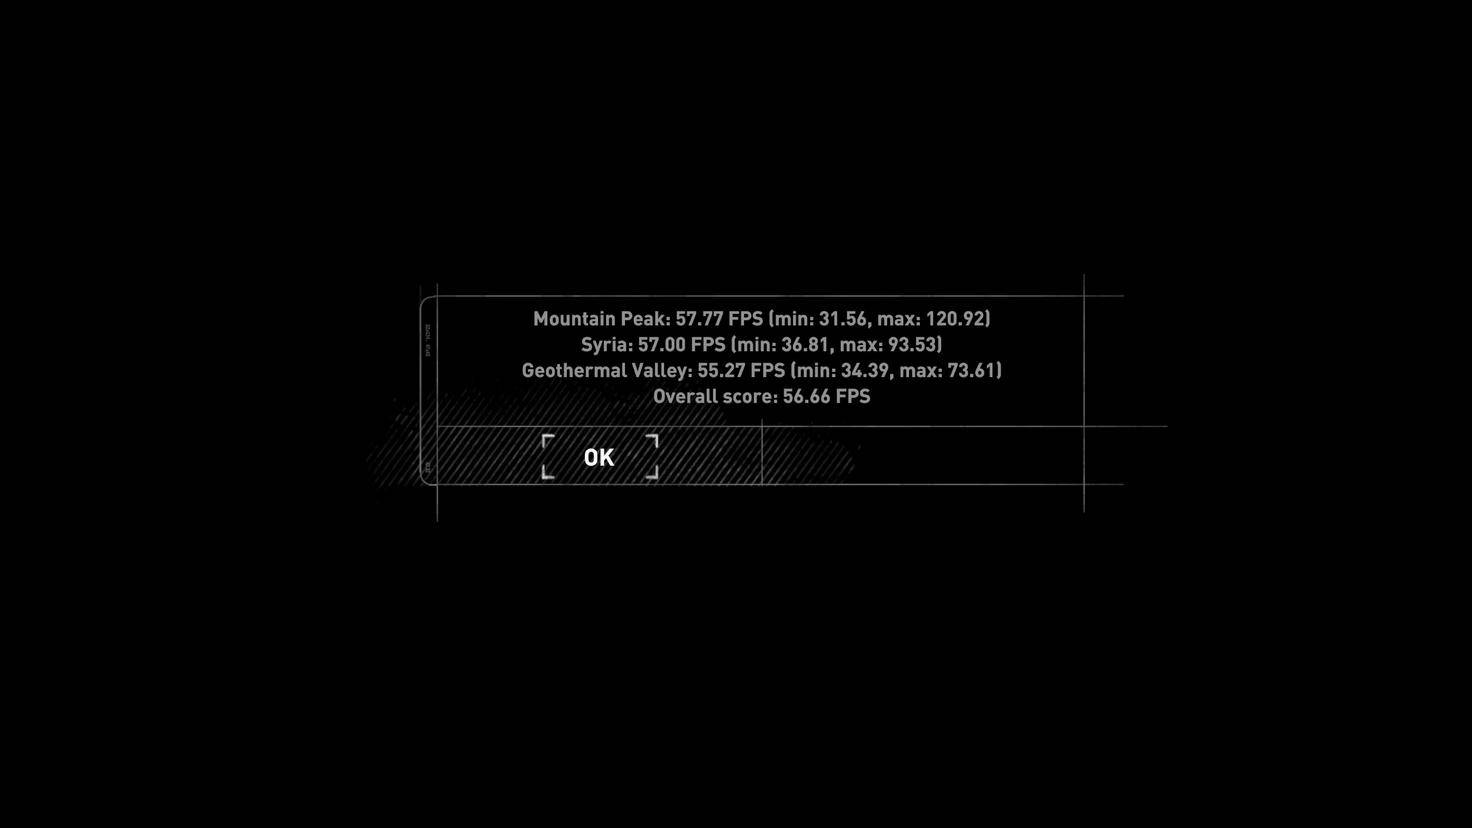 Unsere maximale Übertaktung erhöht vor allem die maximalen FPS.